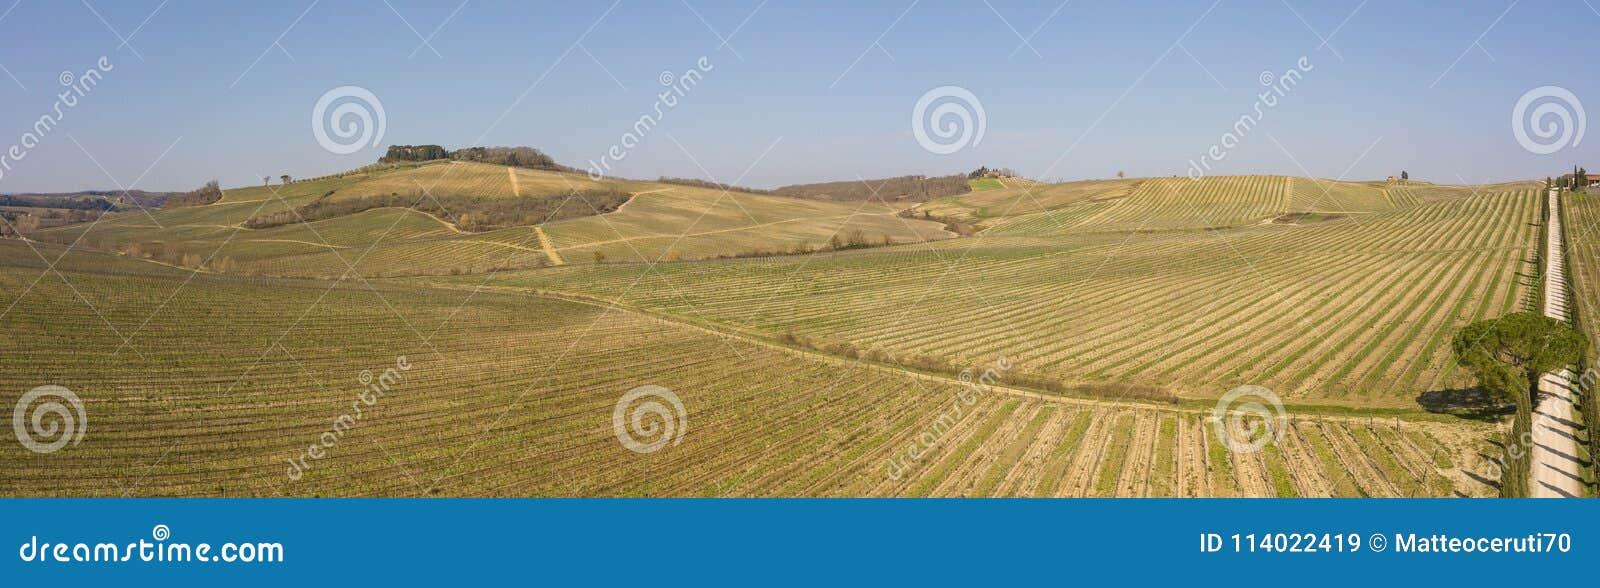 Landschaft der Weinberge von Toskana in Italien während der Frühlingszeit Der Weinweg